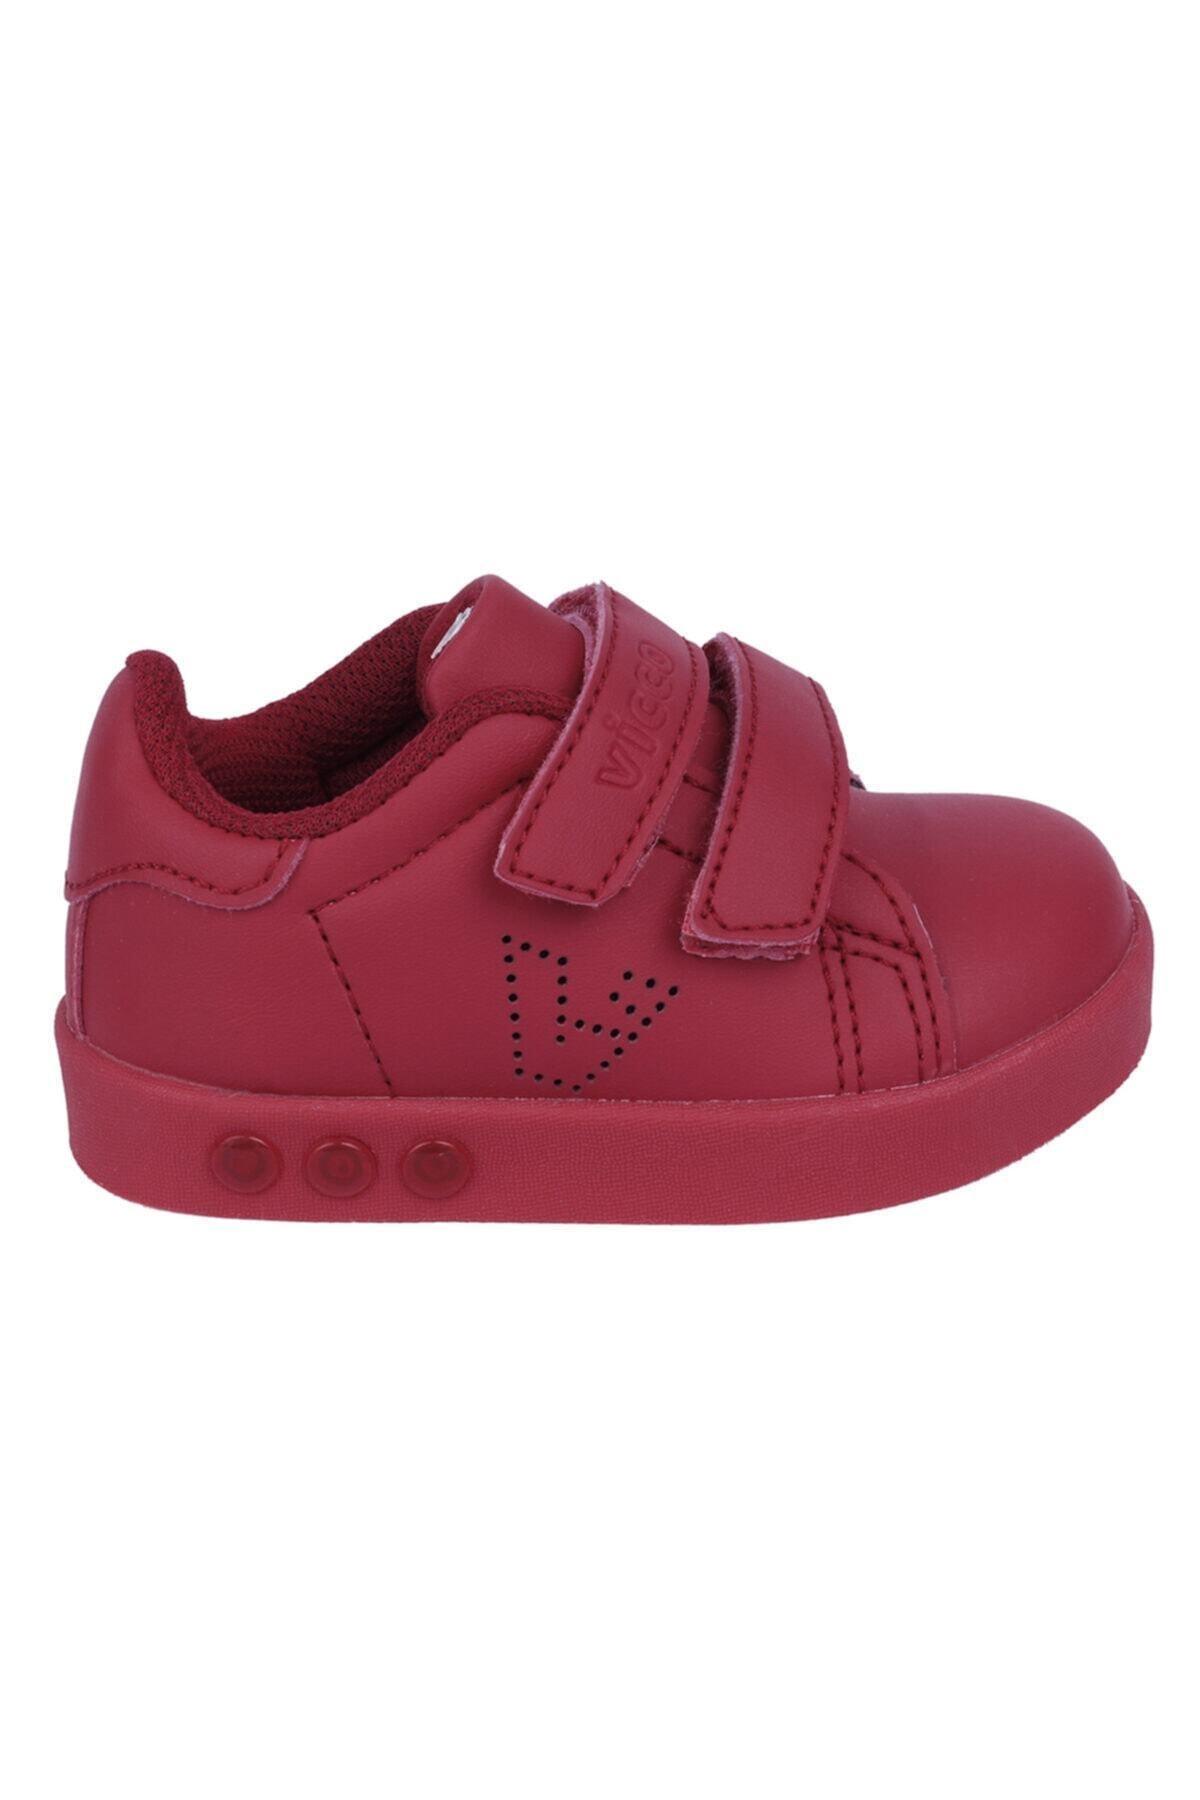 Unısex Çocuk Kırmızı Spor Ayakkabı 313.p19k.100